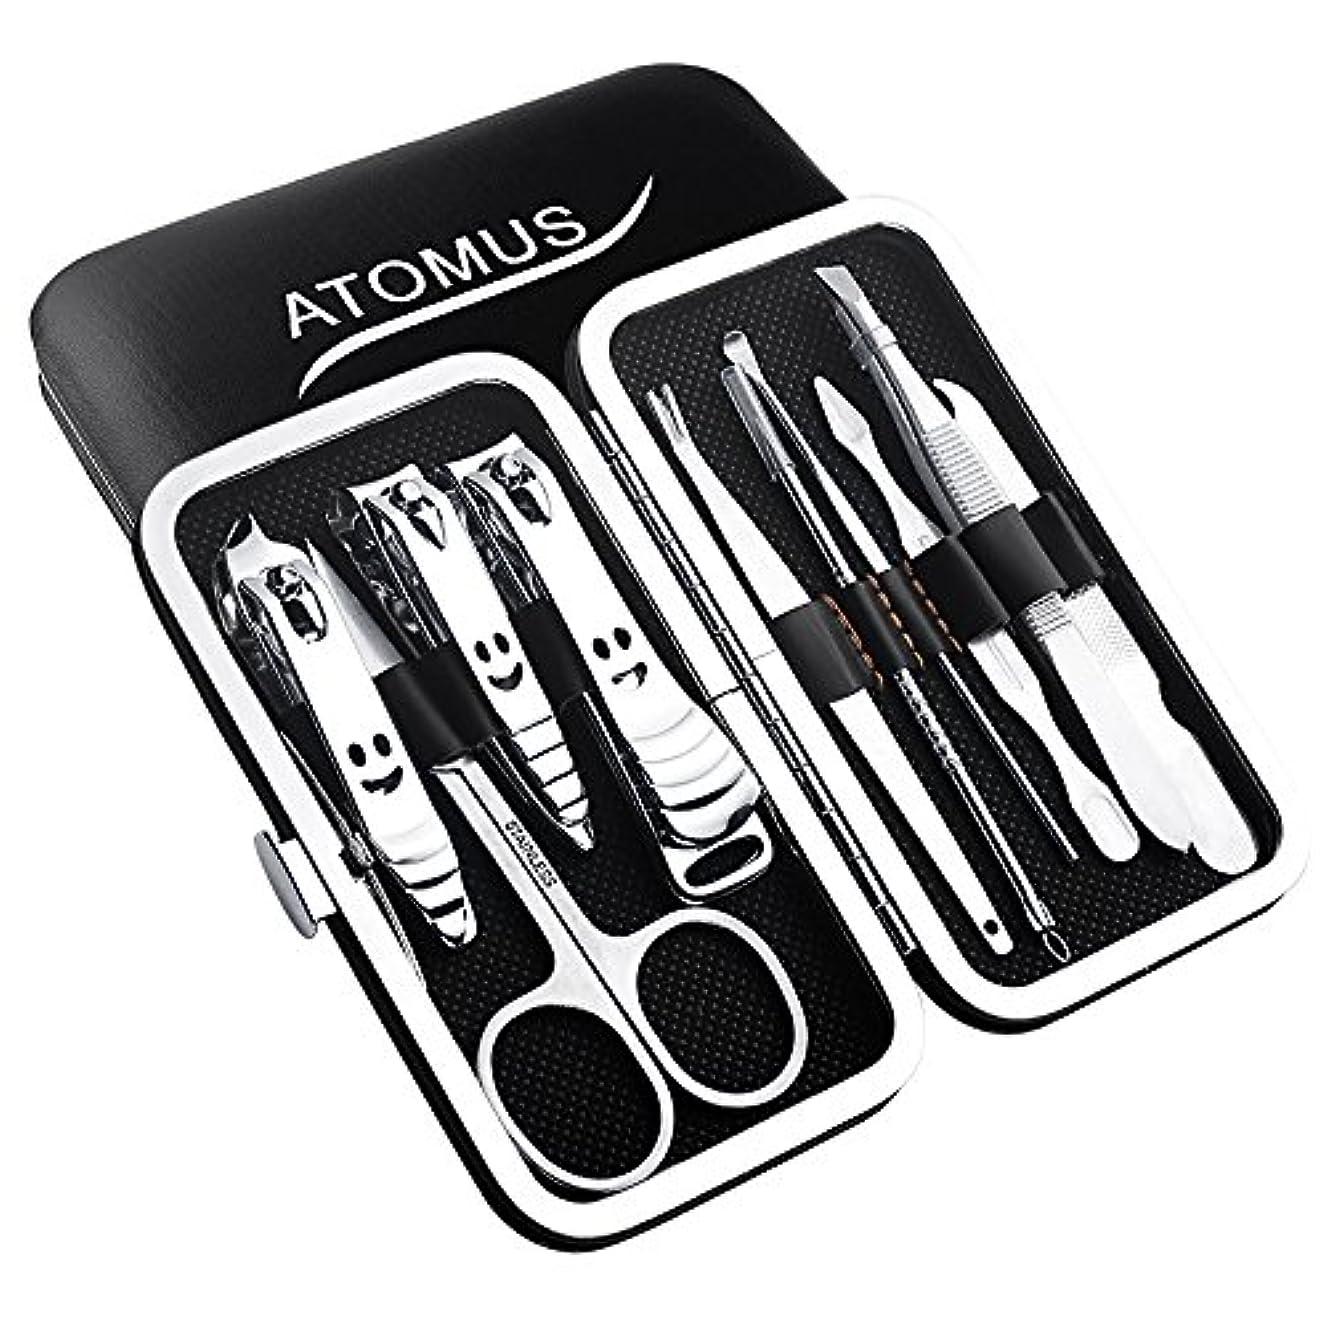 一般化する全体に向けて出発ATOMUS ネイルケアセット マニキュア10点セット 爪やすり 爪切りセット 眉クリップ 携帯便利 収納ケース付き (黒色)